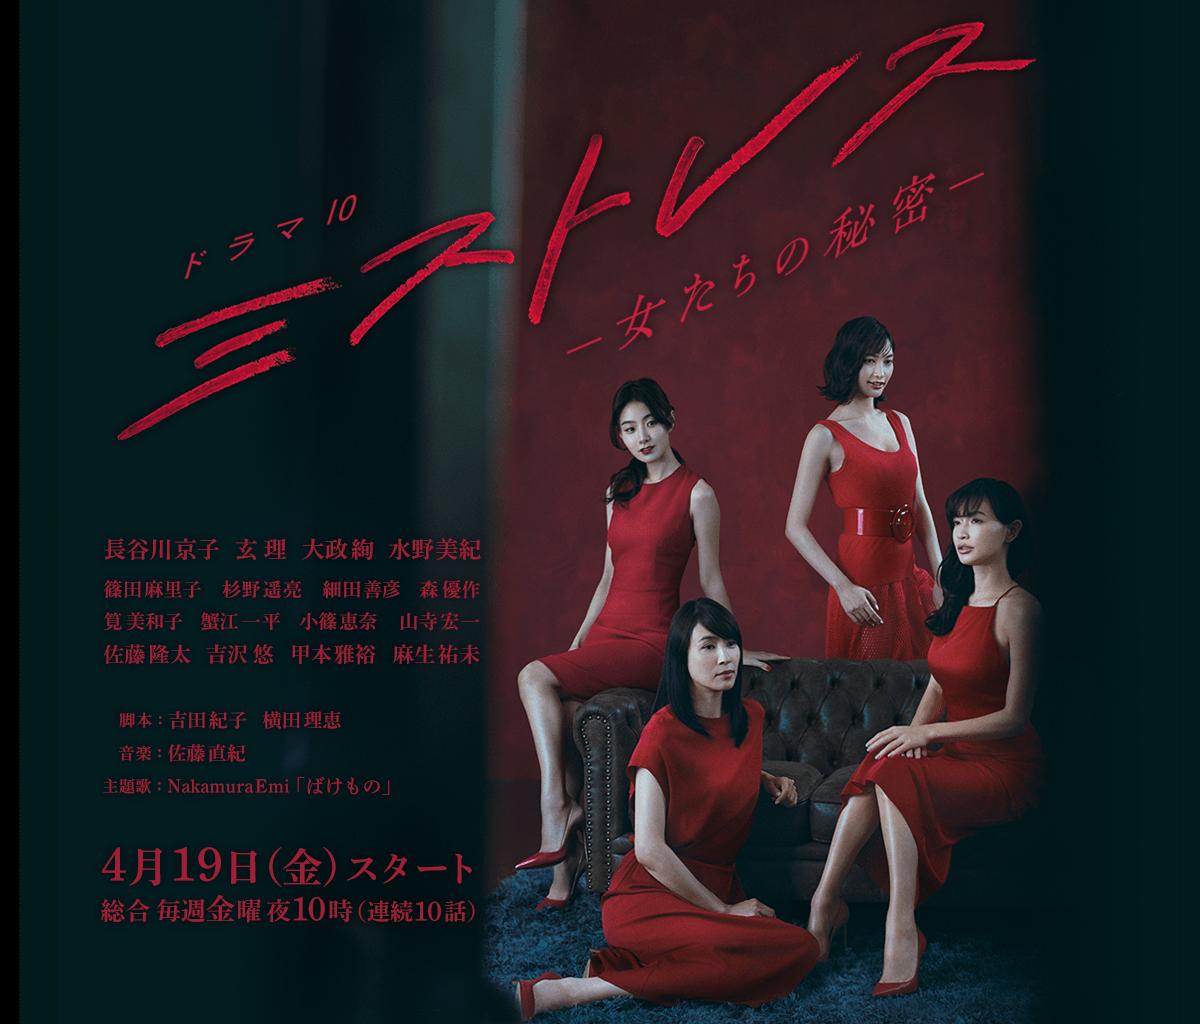 女人们的秘密/情妇 ミストレス~女たちの秘密~ 720p(2019)百度云迅雷下载